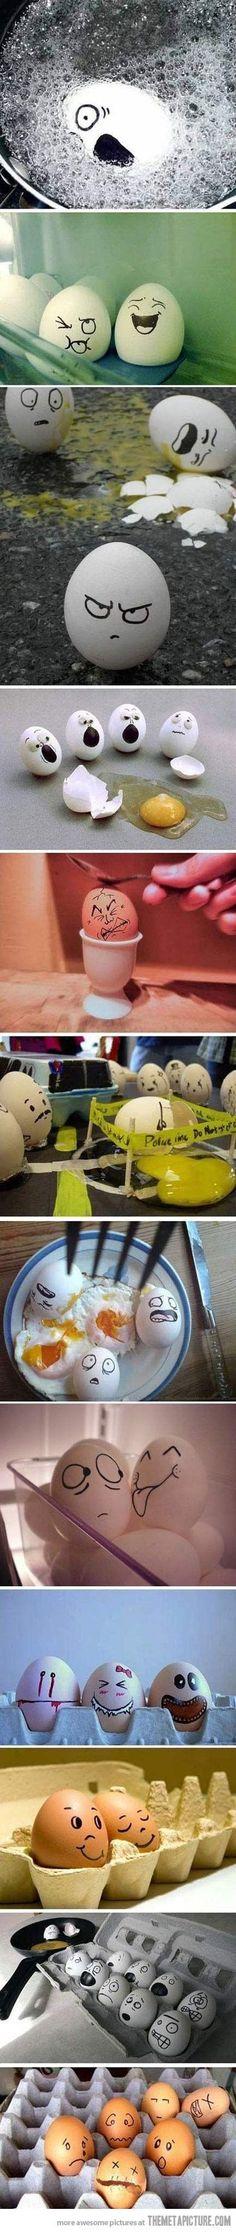 Eggcelent! :D